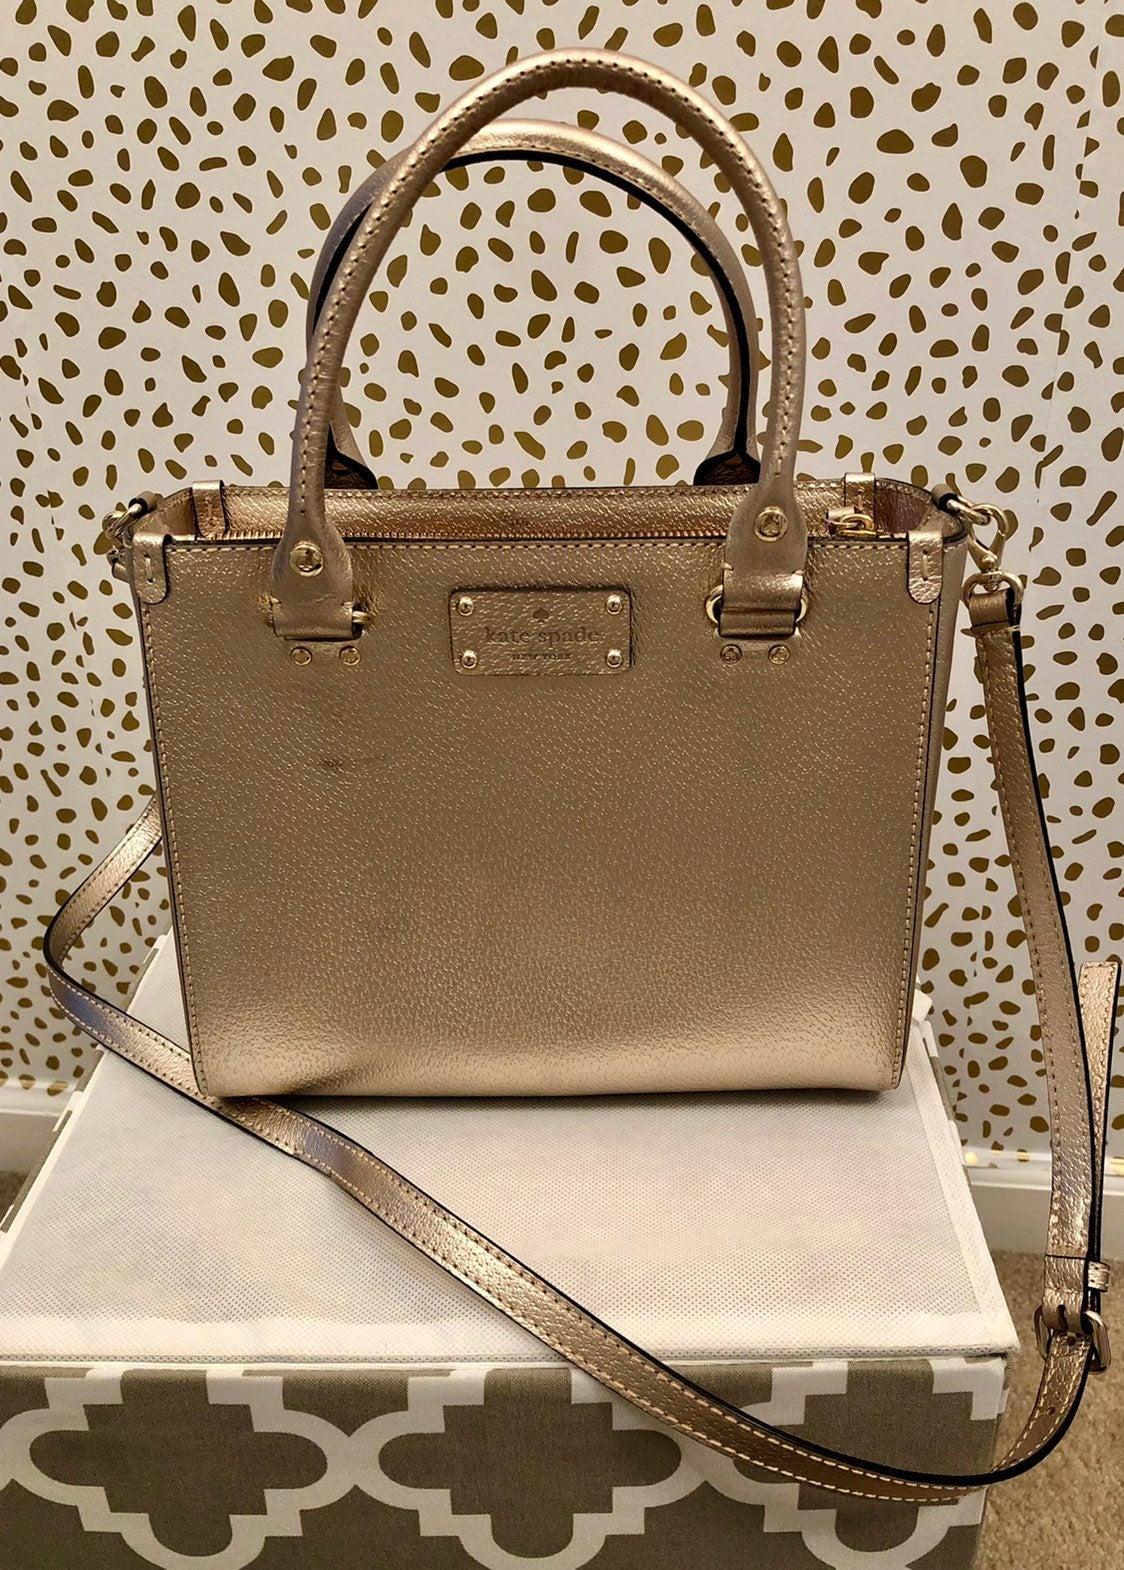 Kate Spade Gold/Rose gold Shoulder bag